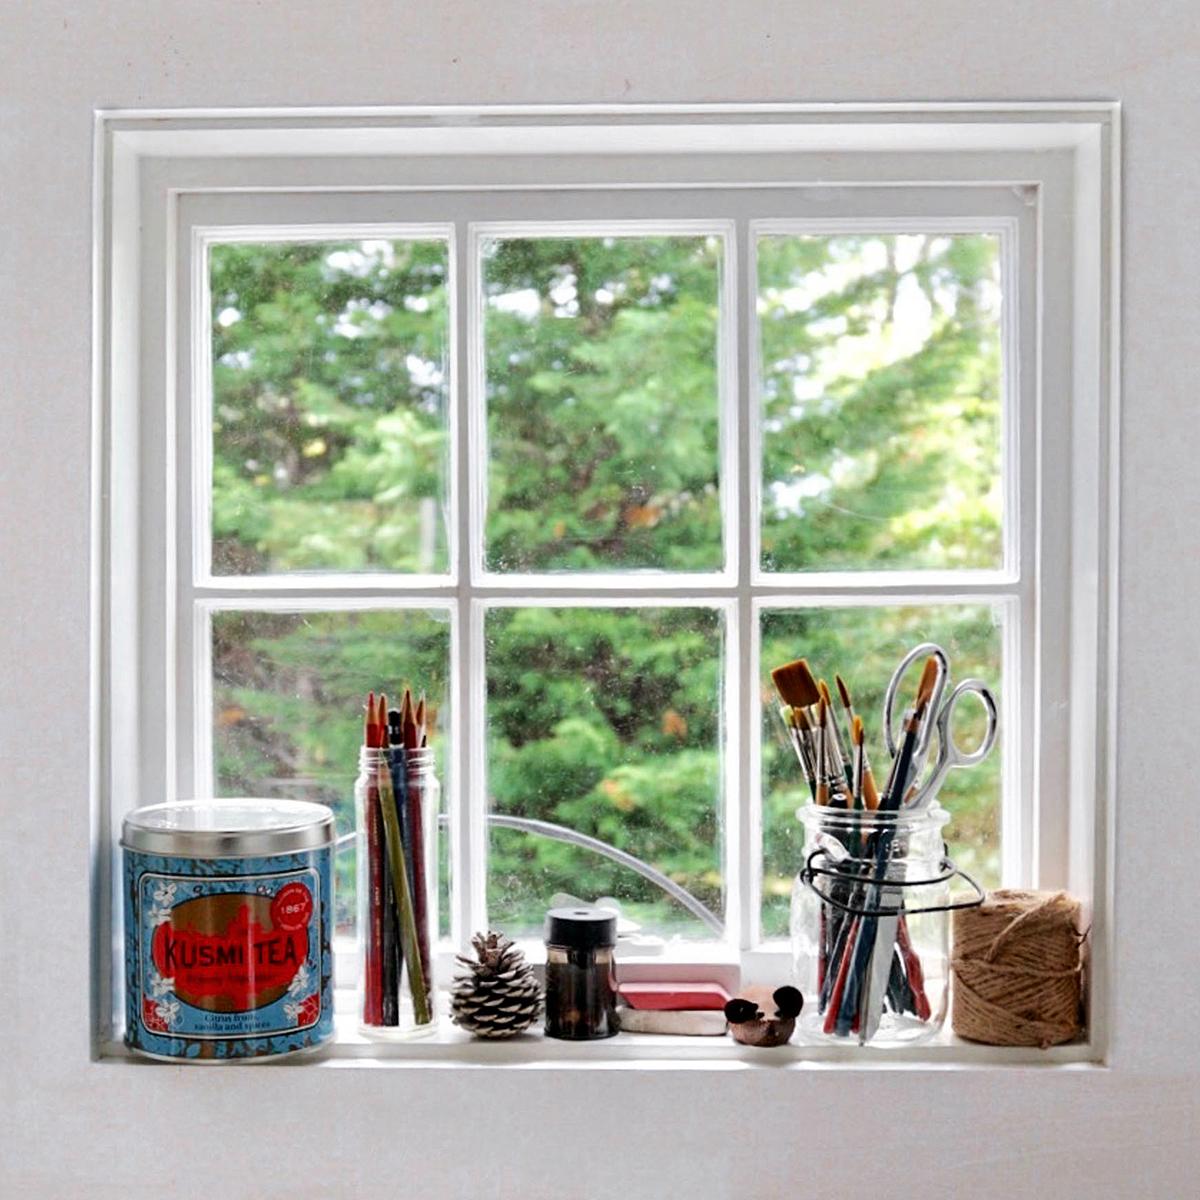 art supplies window sil